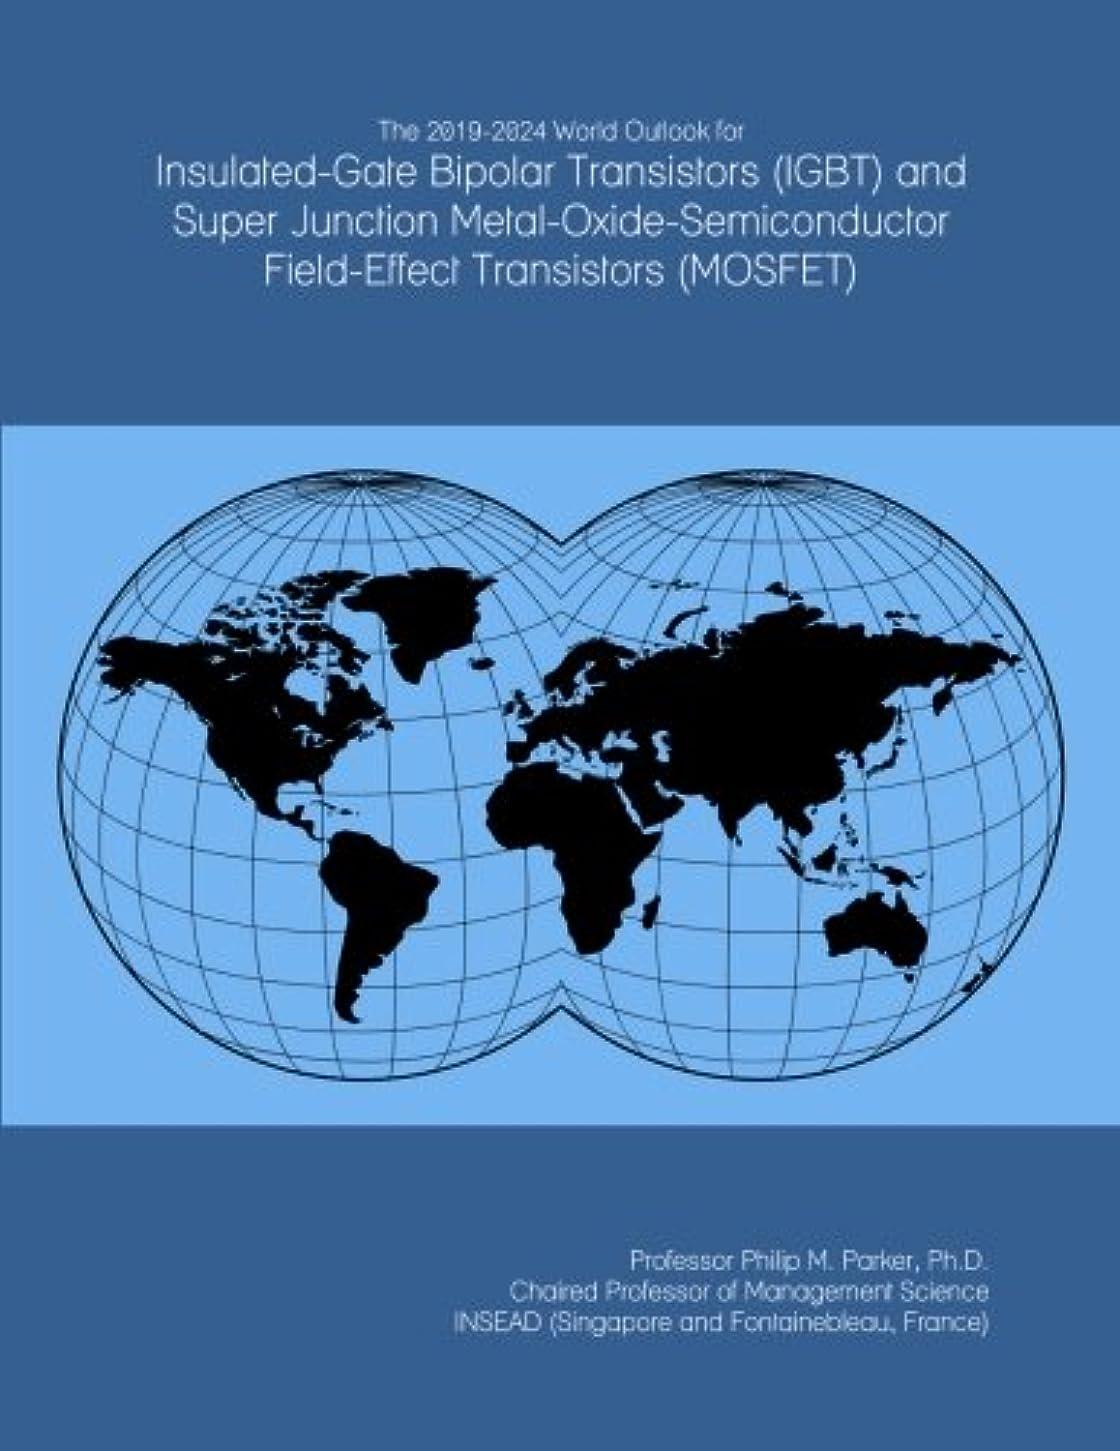 個性側面一般的に言えばThe 2019-2024 World Outlook for Insulated-Gate Bipolar Transistors (IGBT) and Super Junction Metal-Oxide-Semiconductor Field-Effect Transistors (MOSFET)